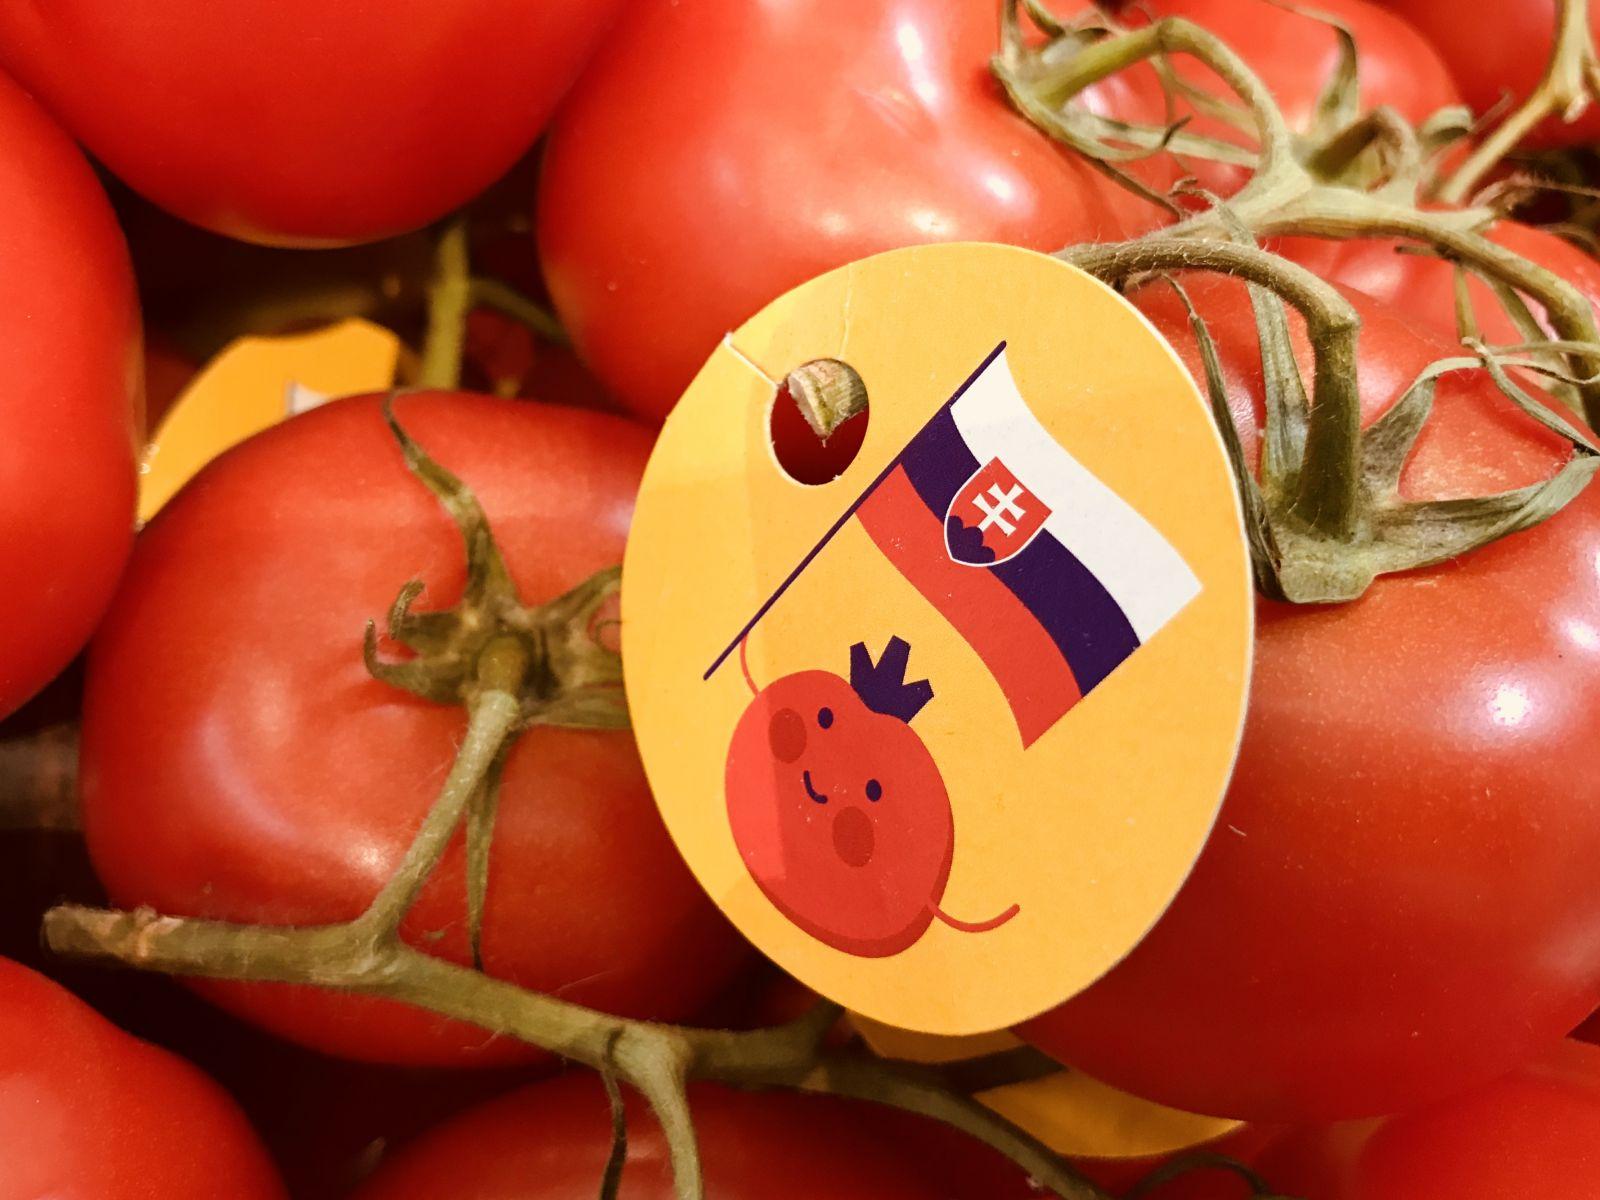 b38049d0270d5 ... zákazníci v Tesco obchodoch počas celého leta. Aj vďaka úspešnej  spolupráci so slovenskými pestovateľmi a producentmi sa ponuka rozširuje o  šťavnaté ...